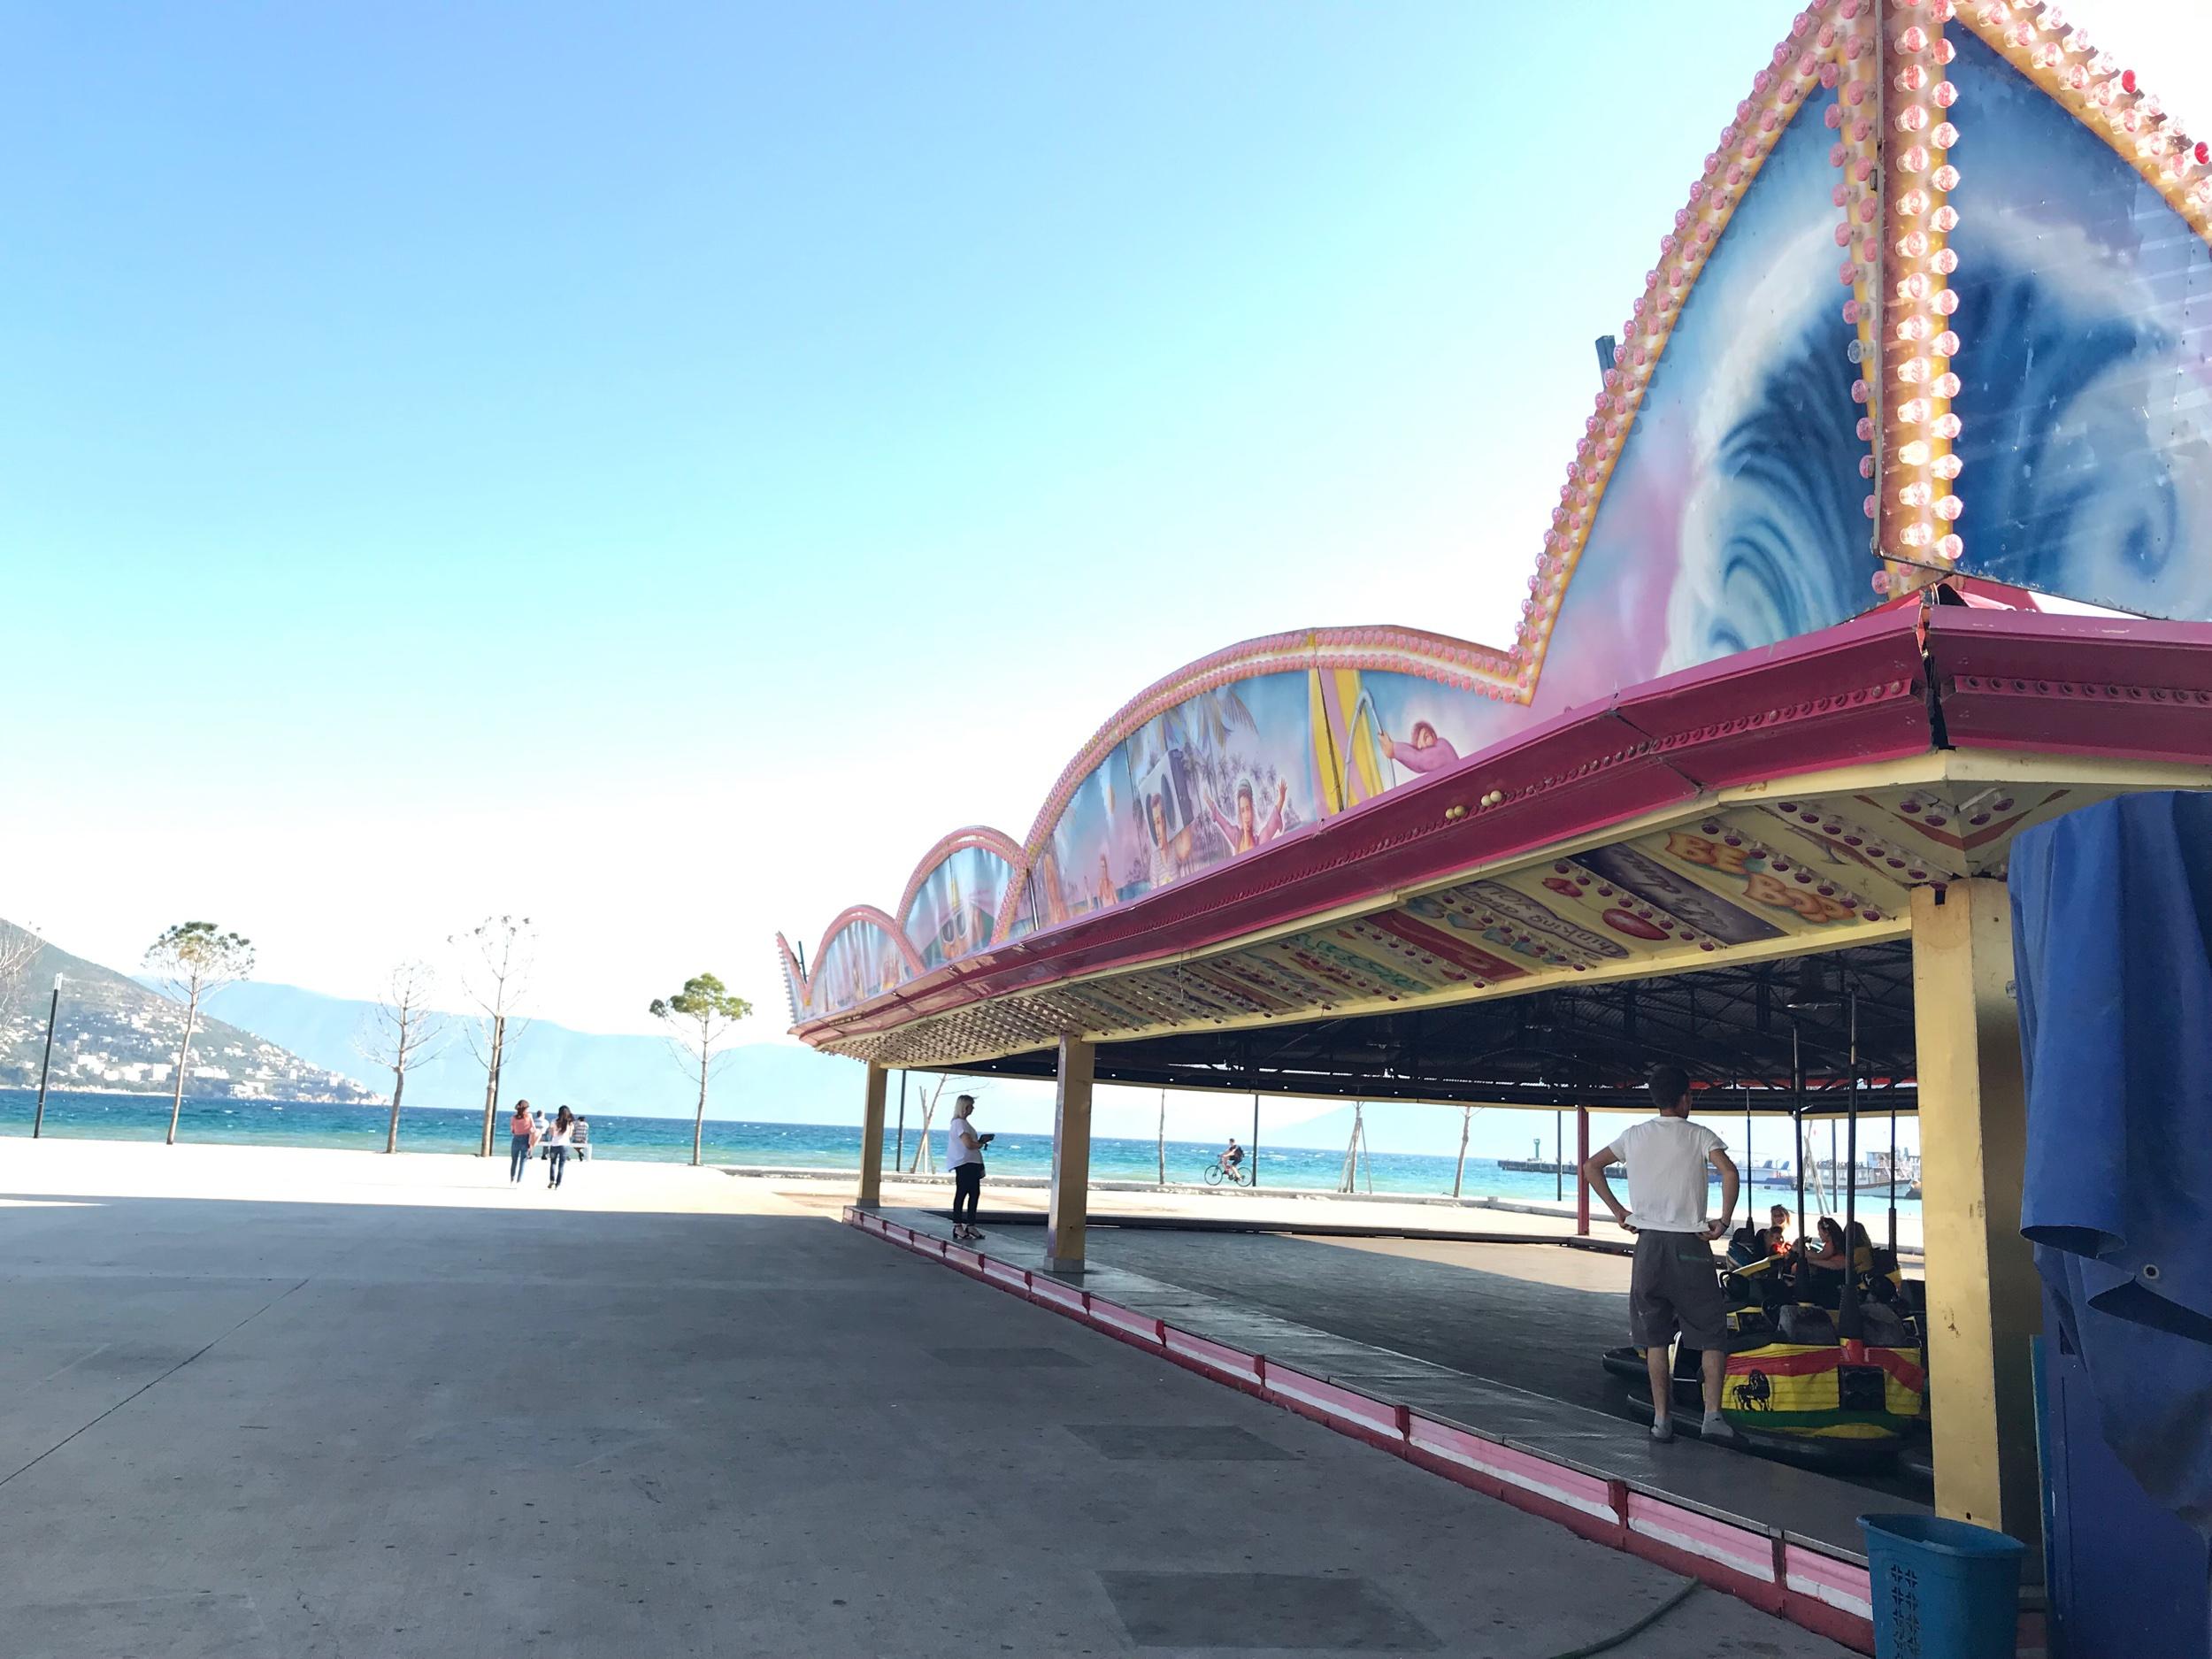 Törmäilyautot rantabulevardilla. Kuva: Mirva Rannisto